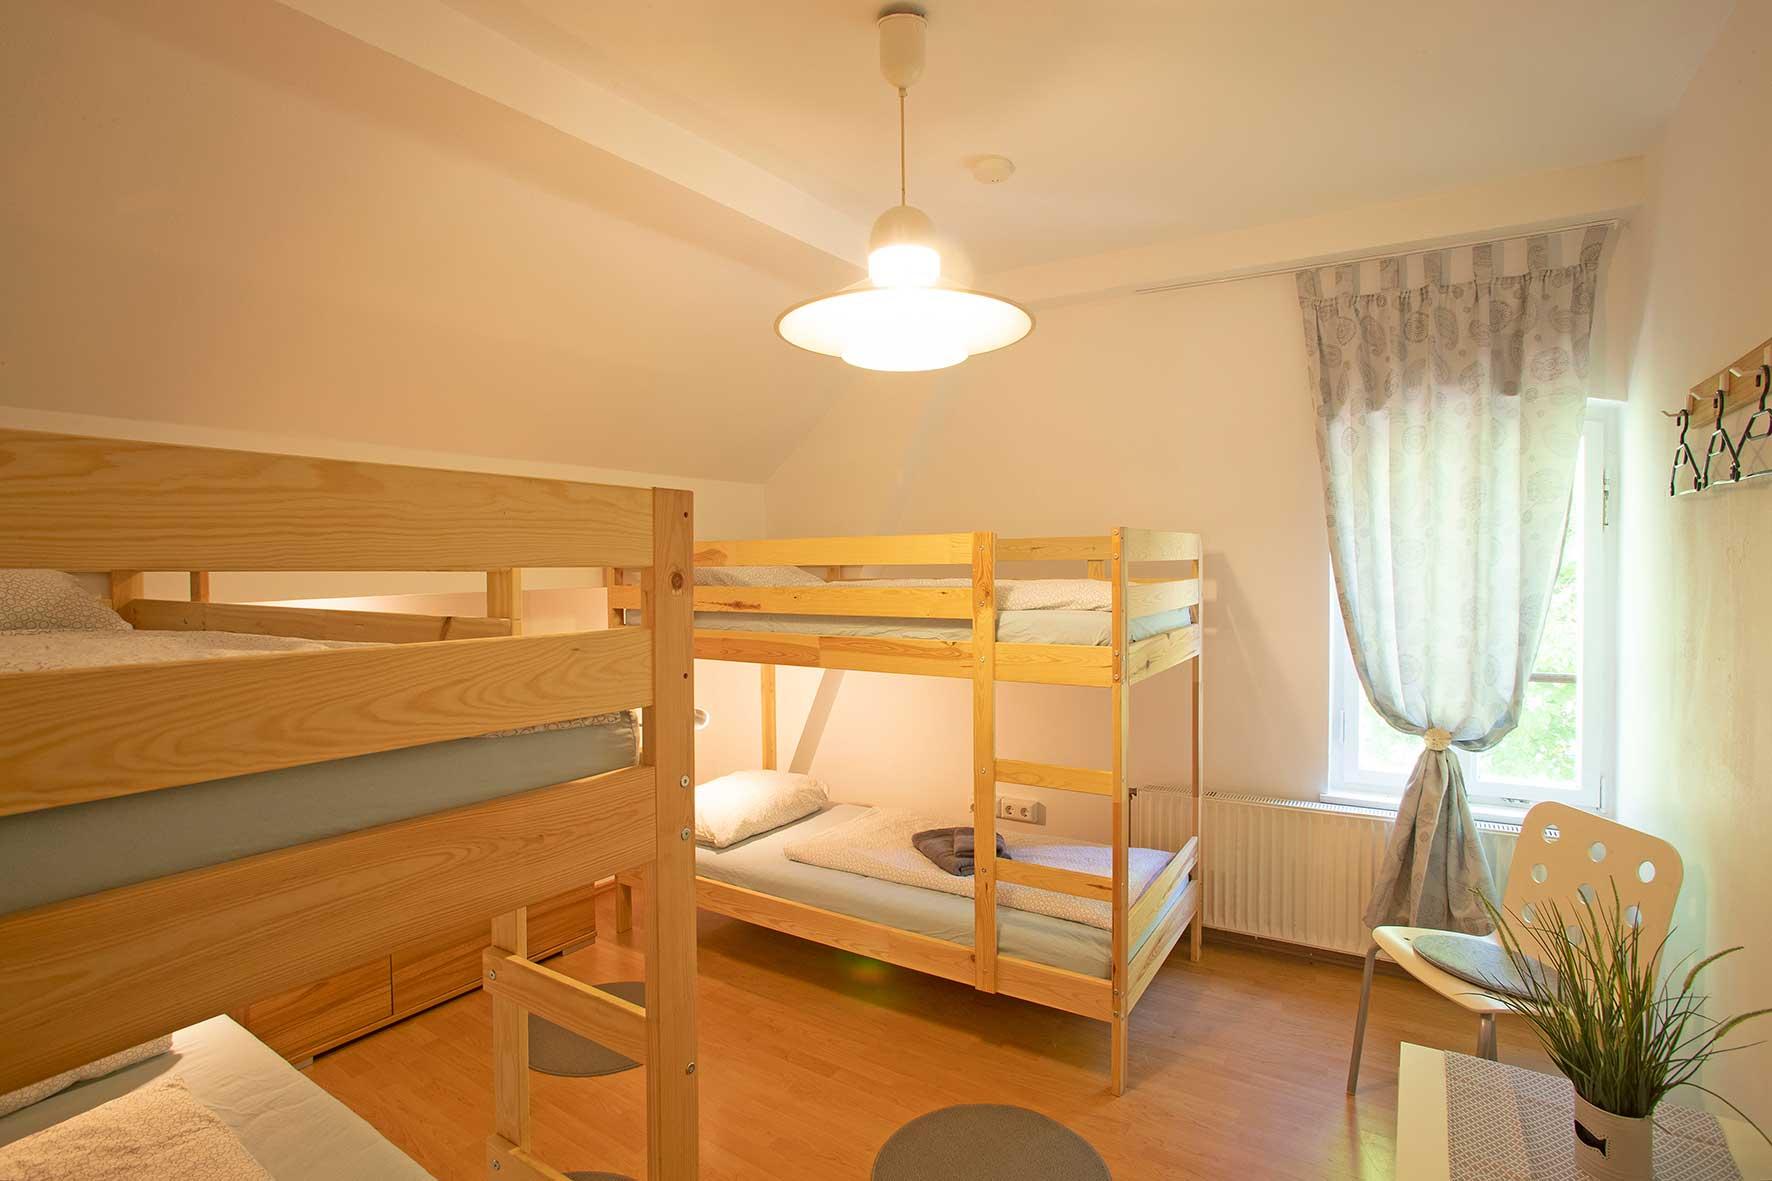 Zimmer 23, 4-Bett Zimmer